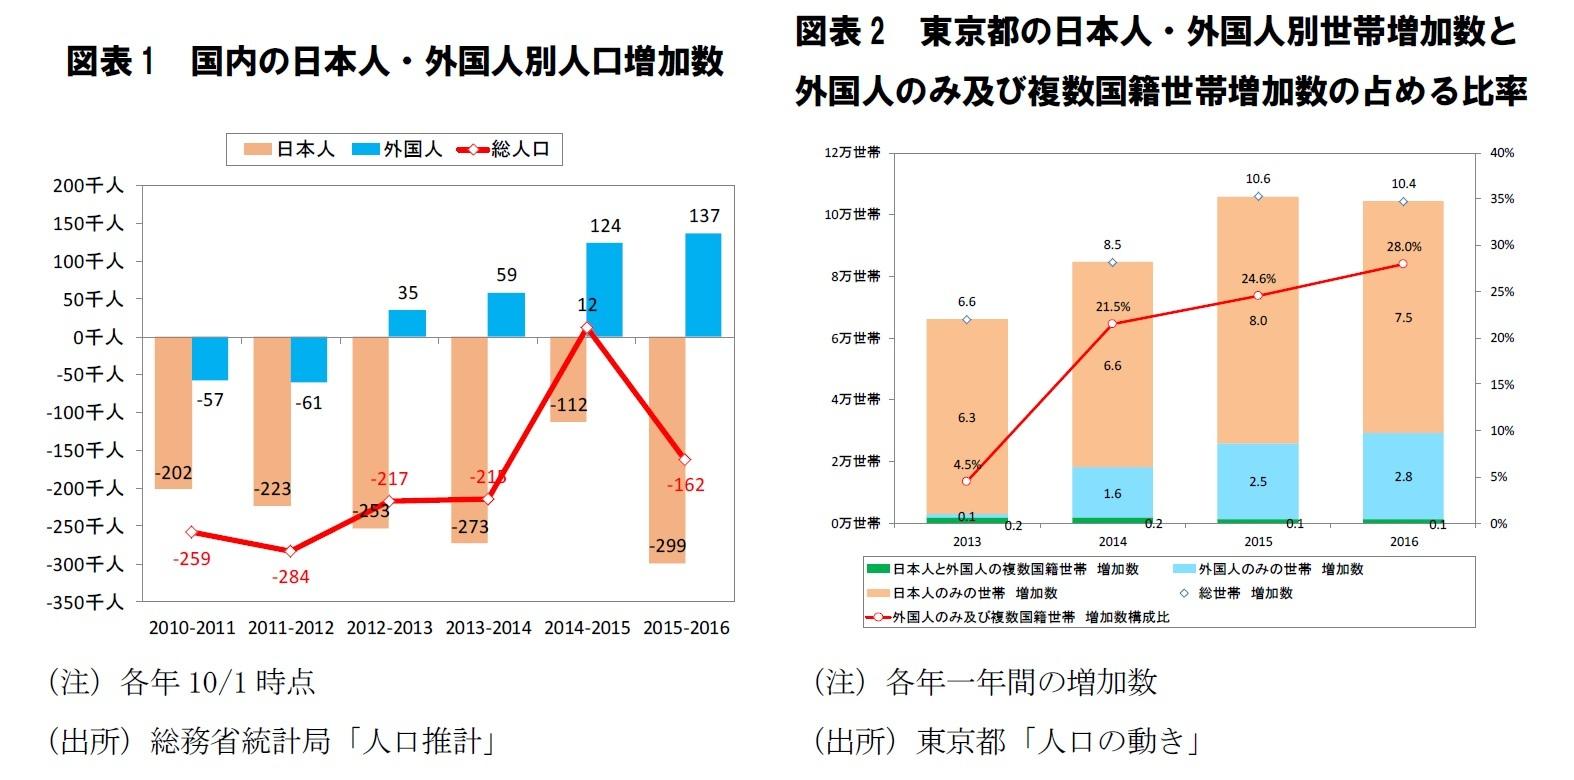 図表1 国内の日本人・外国人別人口増加数/図表2 東京都の日本人・外国人別世帯増加数と外国人のみ及び複数国籍世帯増加数の占める比率